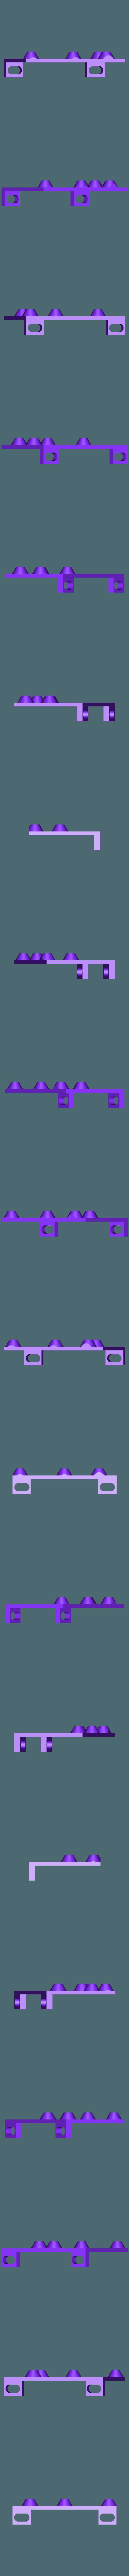 End-Stop-hoek.stl Télécharger fichier STL gratuit Pièces 3D pour l'imprimante Ceramic DIY • Objet à imprimer en 3D, fgeer